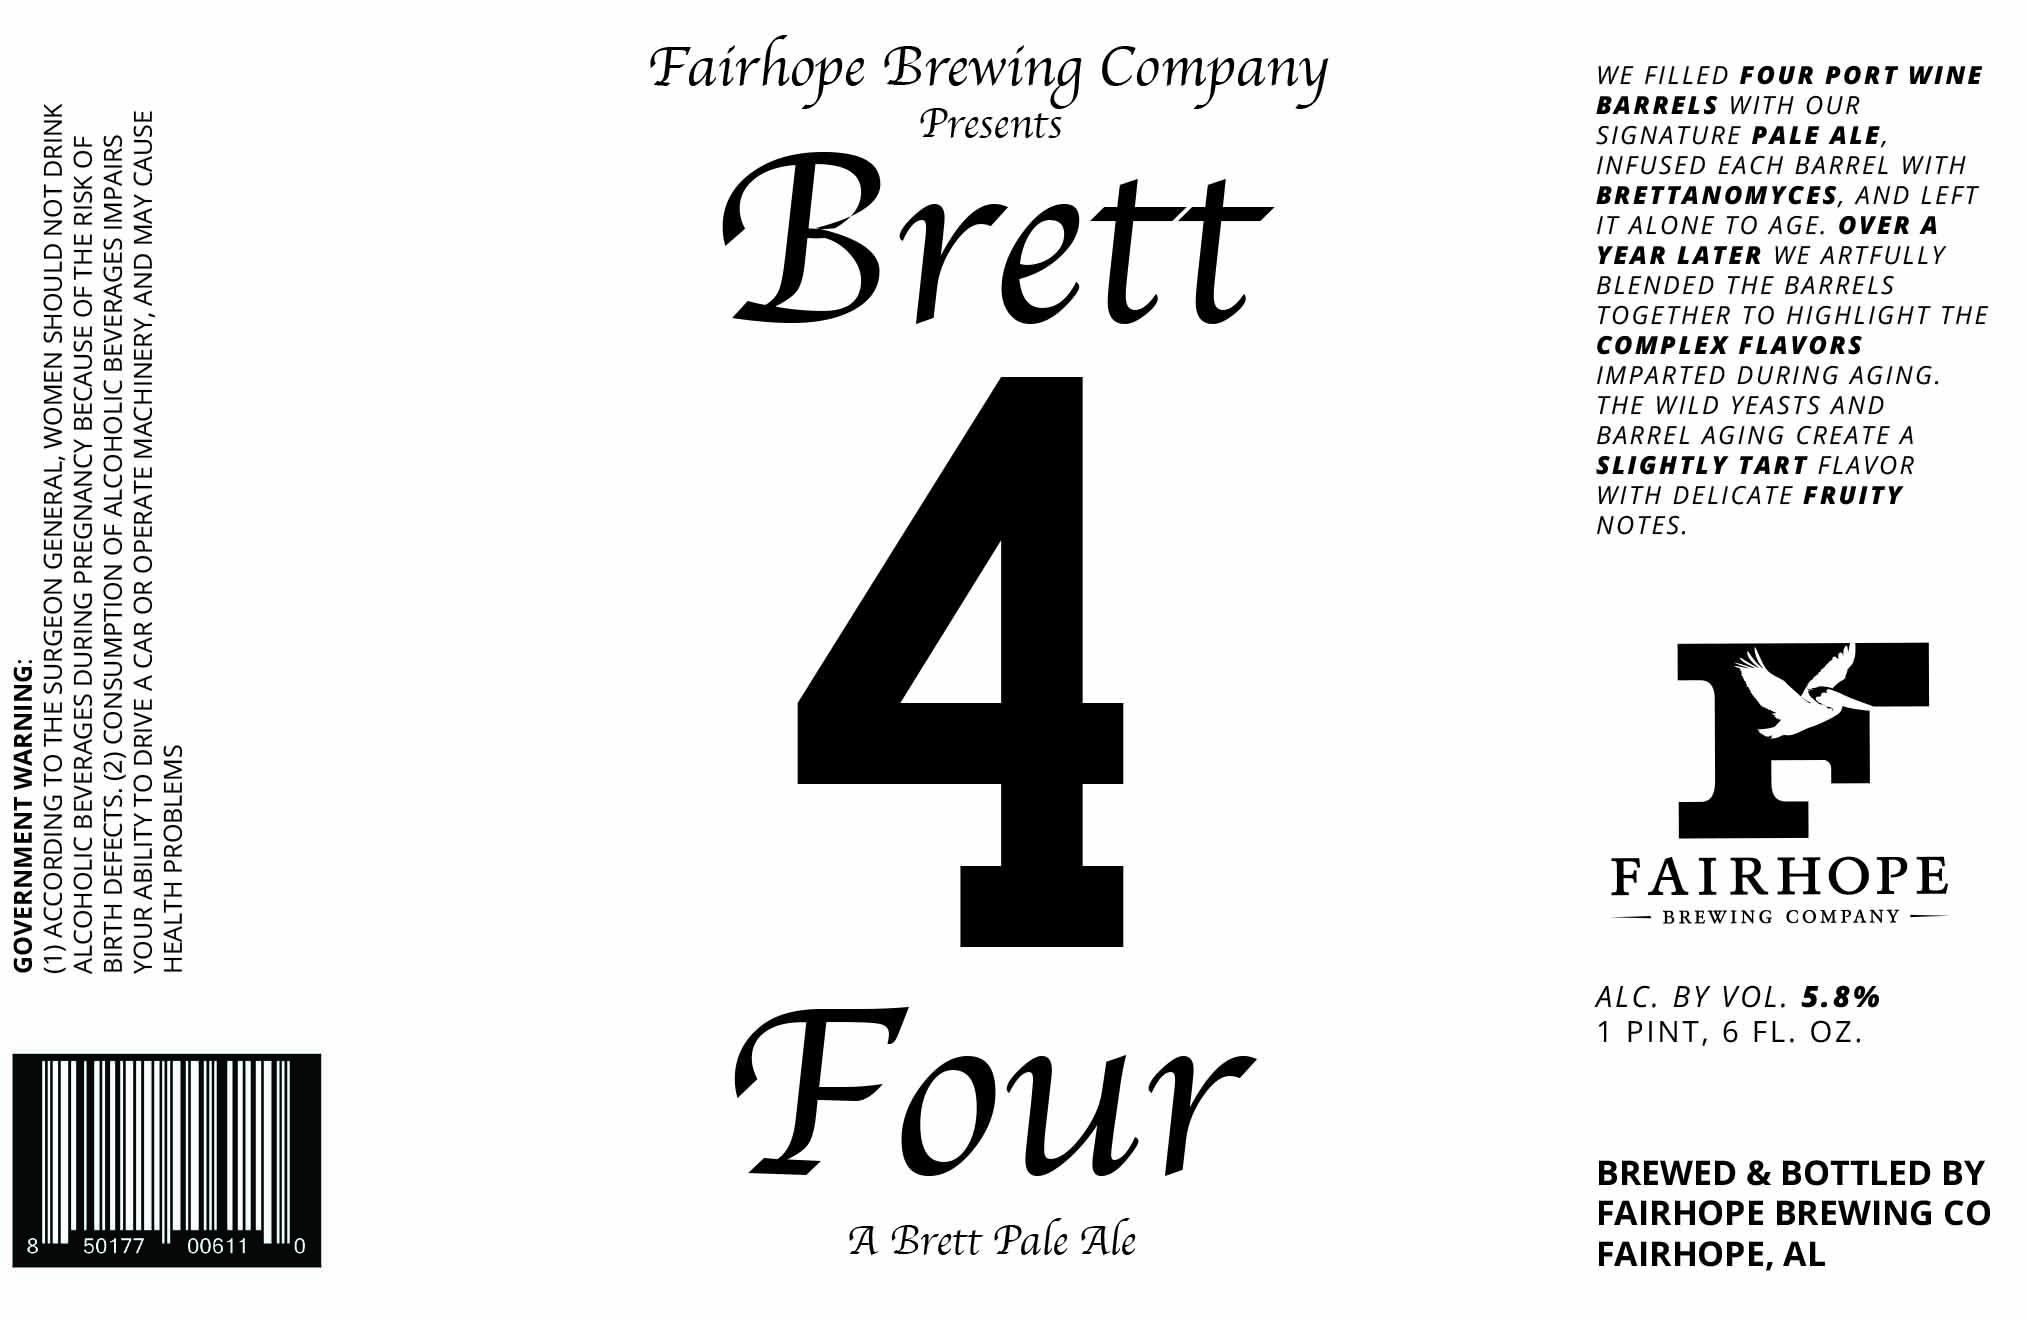 Brett Four